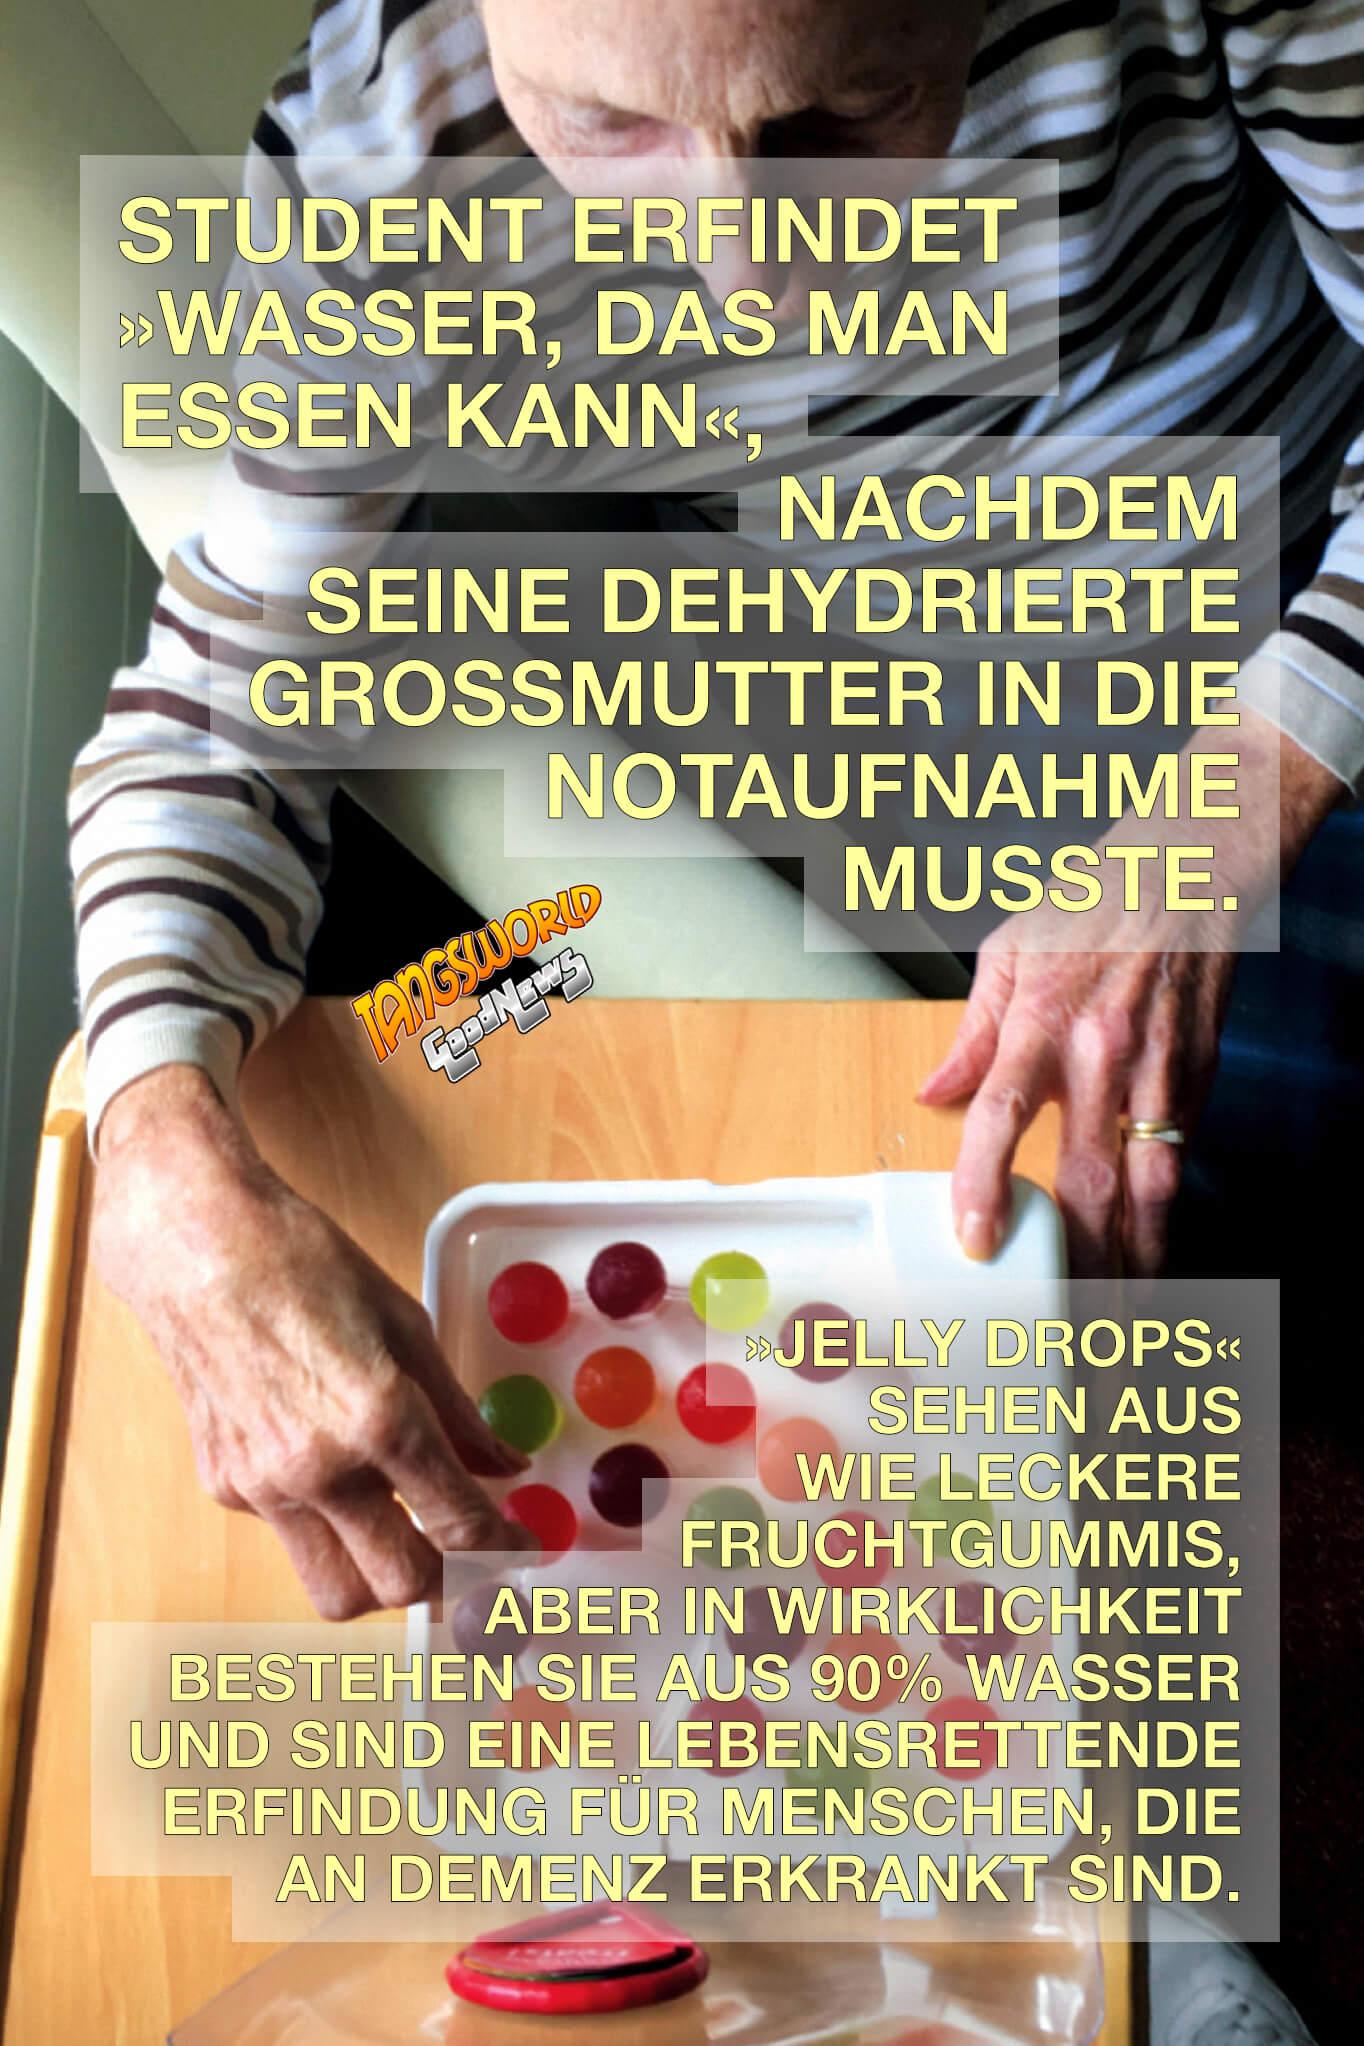 Jelly Drops - Wasser, das man essen kann. Menschen mit Alzheimer und anderen Formen von Demenz fällt es besonders schwer, genug Wasser aufzunehmen. Der junger Erfinder Lewis Hornby hat für sie eine clevere Lösung gefunden. - GoodNews